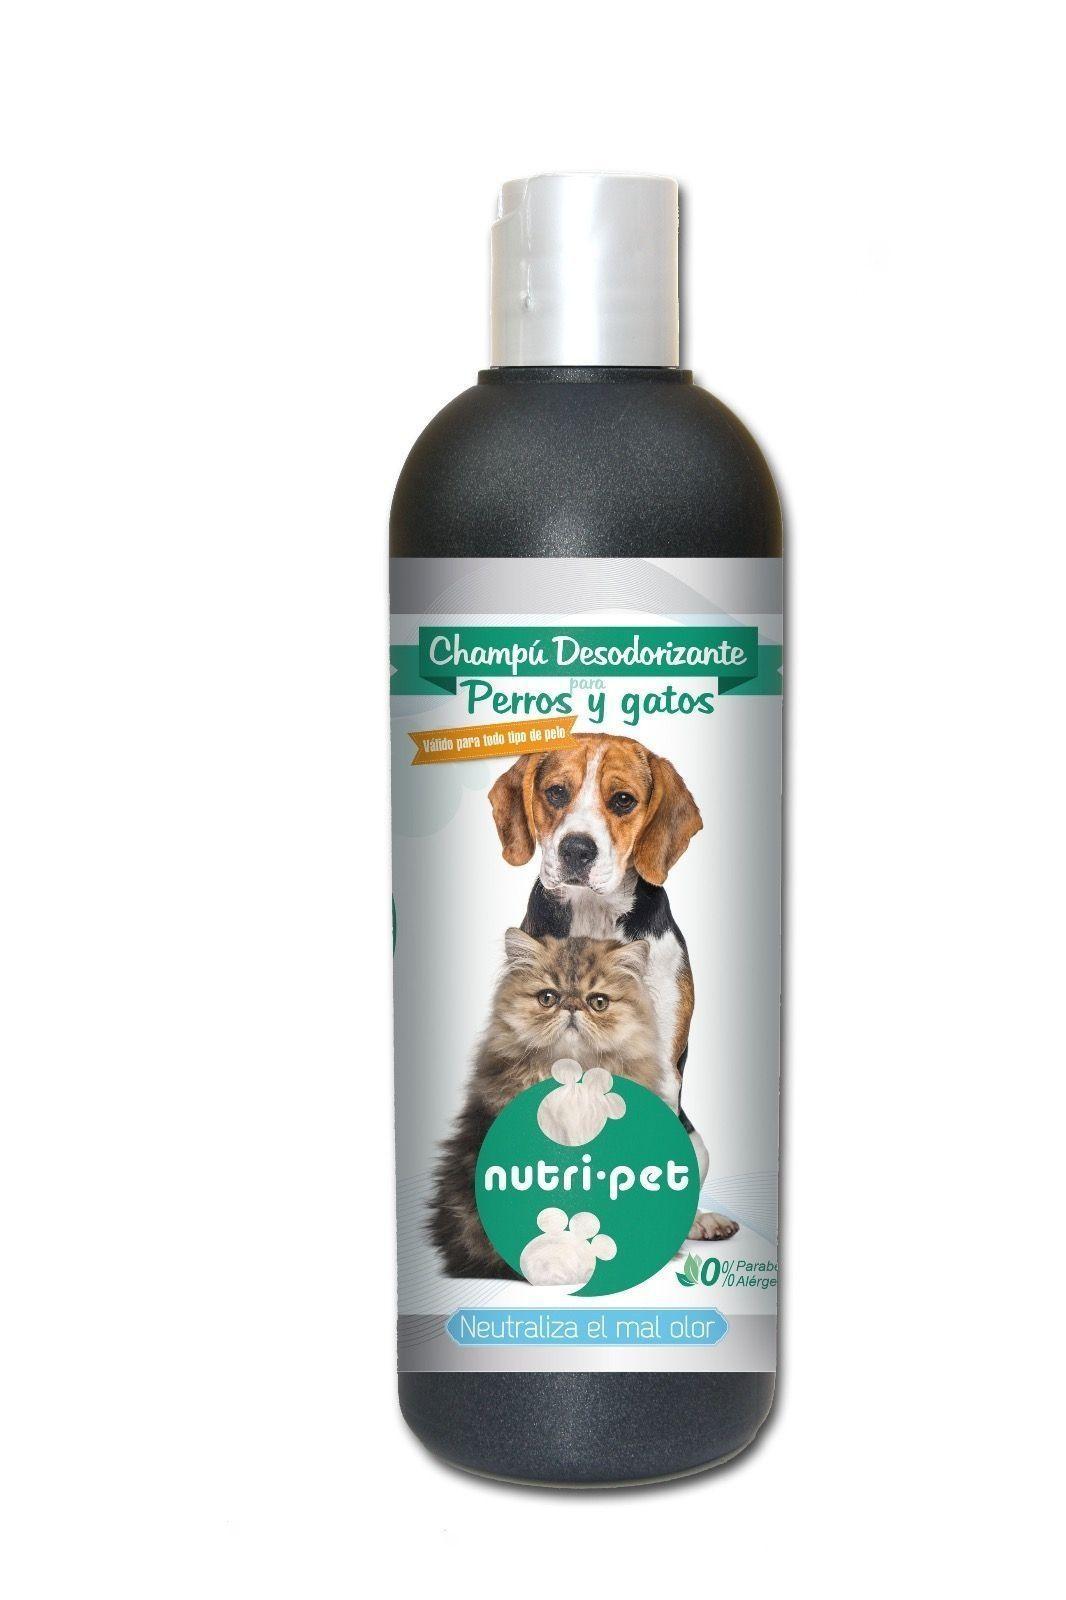 Nutri-Pet Champú Desodorizante Perros y Gatos  500ml